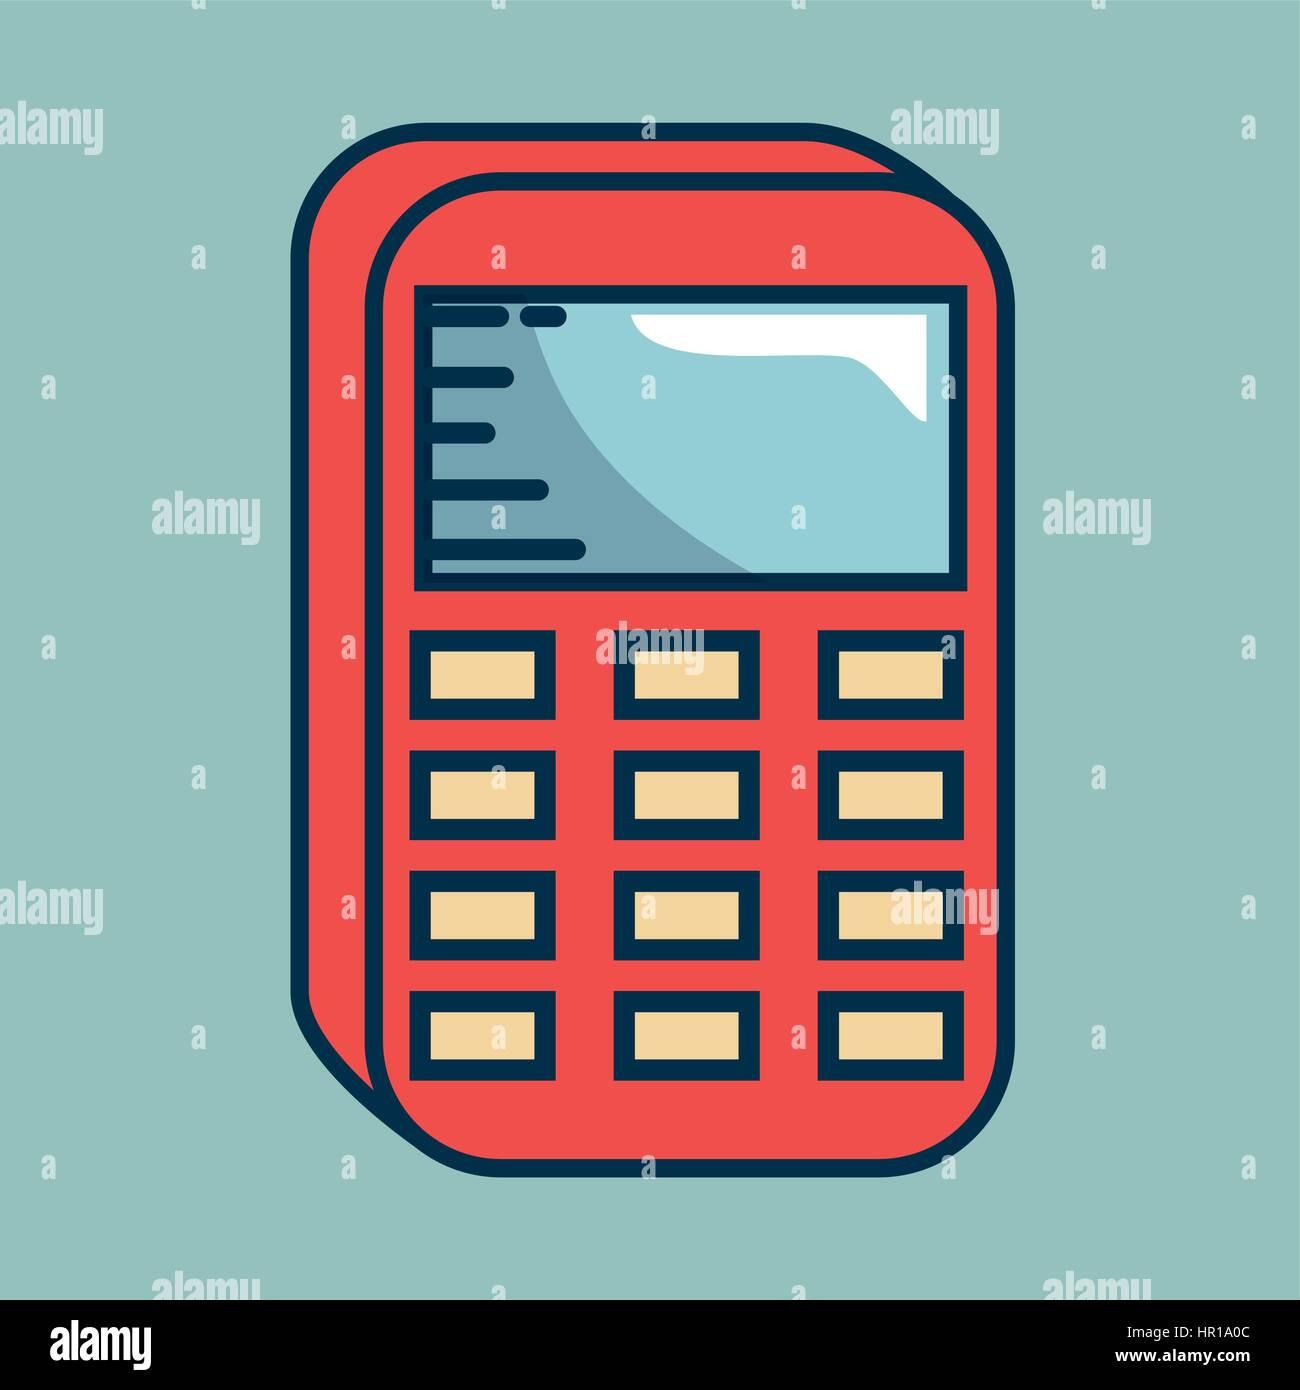 Math Digital Art Stock Photos & Math Digital Art Stock Images - Alamy